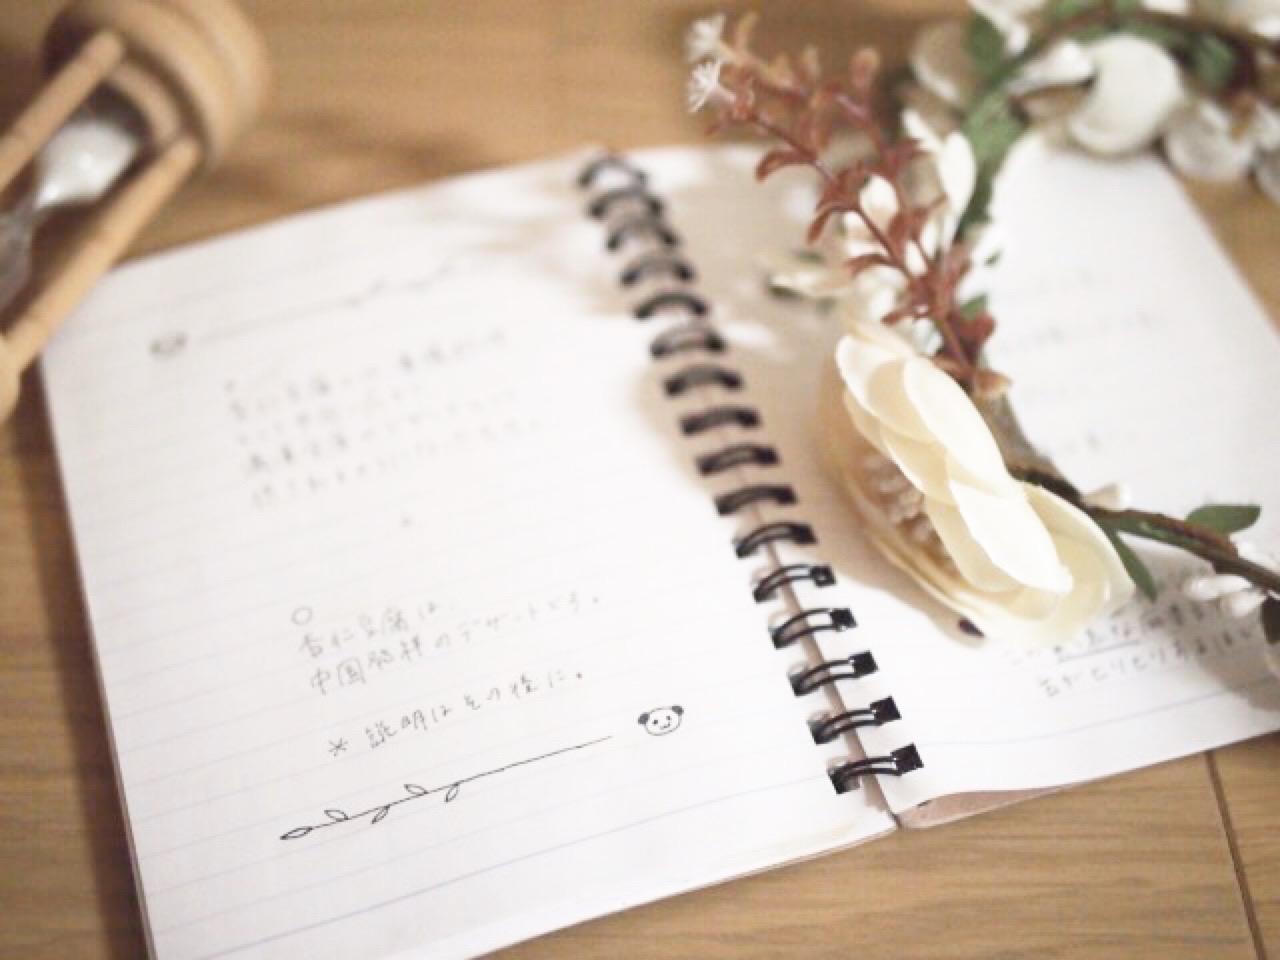 おしゃれにノートをまとめよう!簡単で真似したいアレンジ方法を紹介!